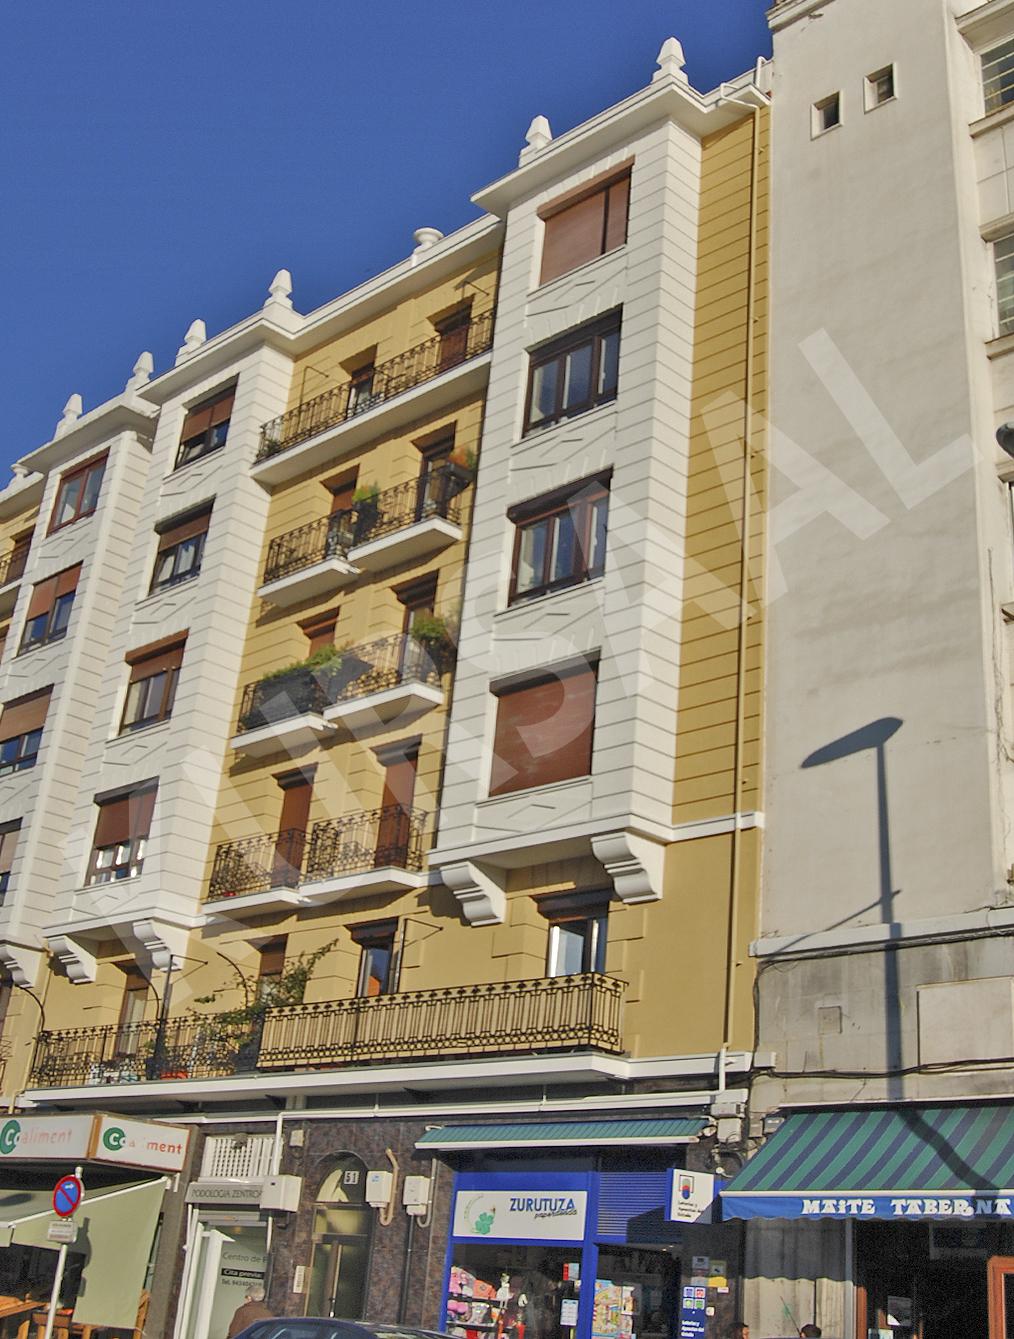 foto 2 - Aislamientos Térmicos y Eficiencia Energética-Euskadi Etorbidea, 51-PASAIA, GIPUZKOA